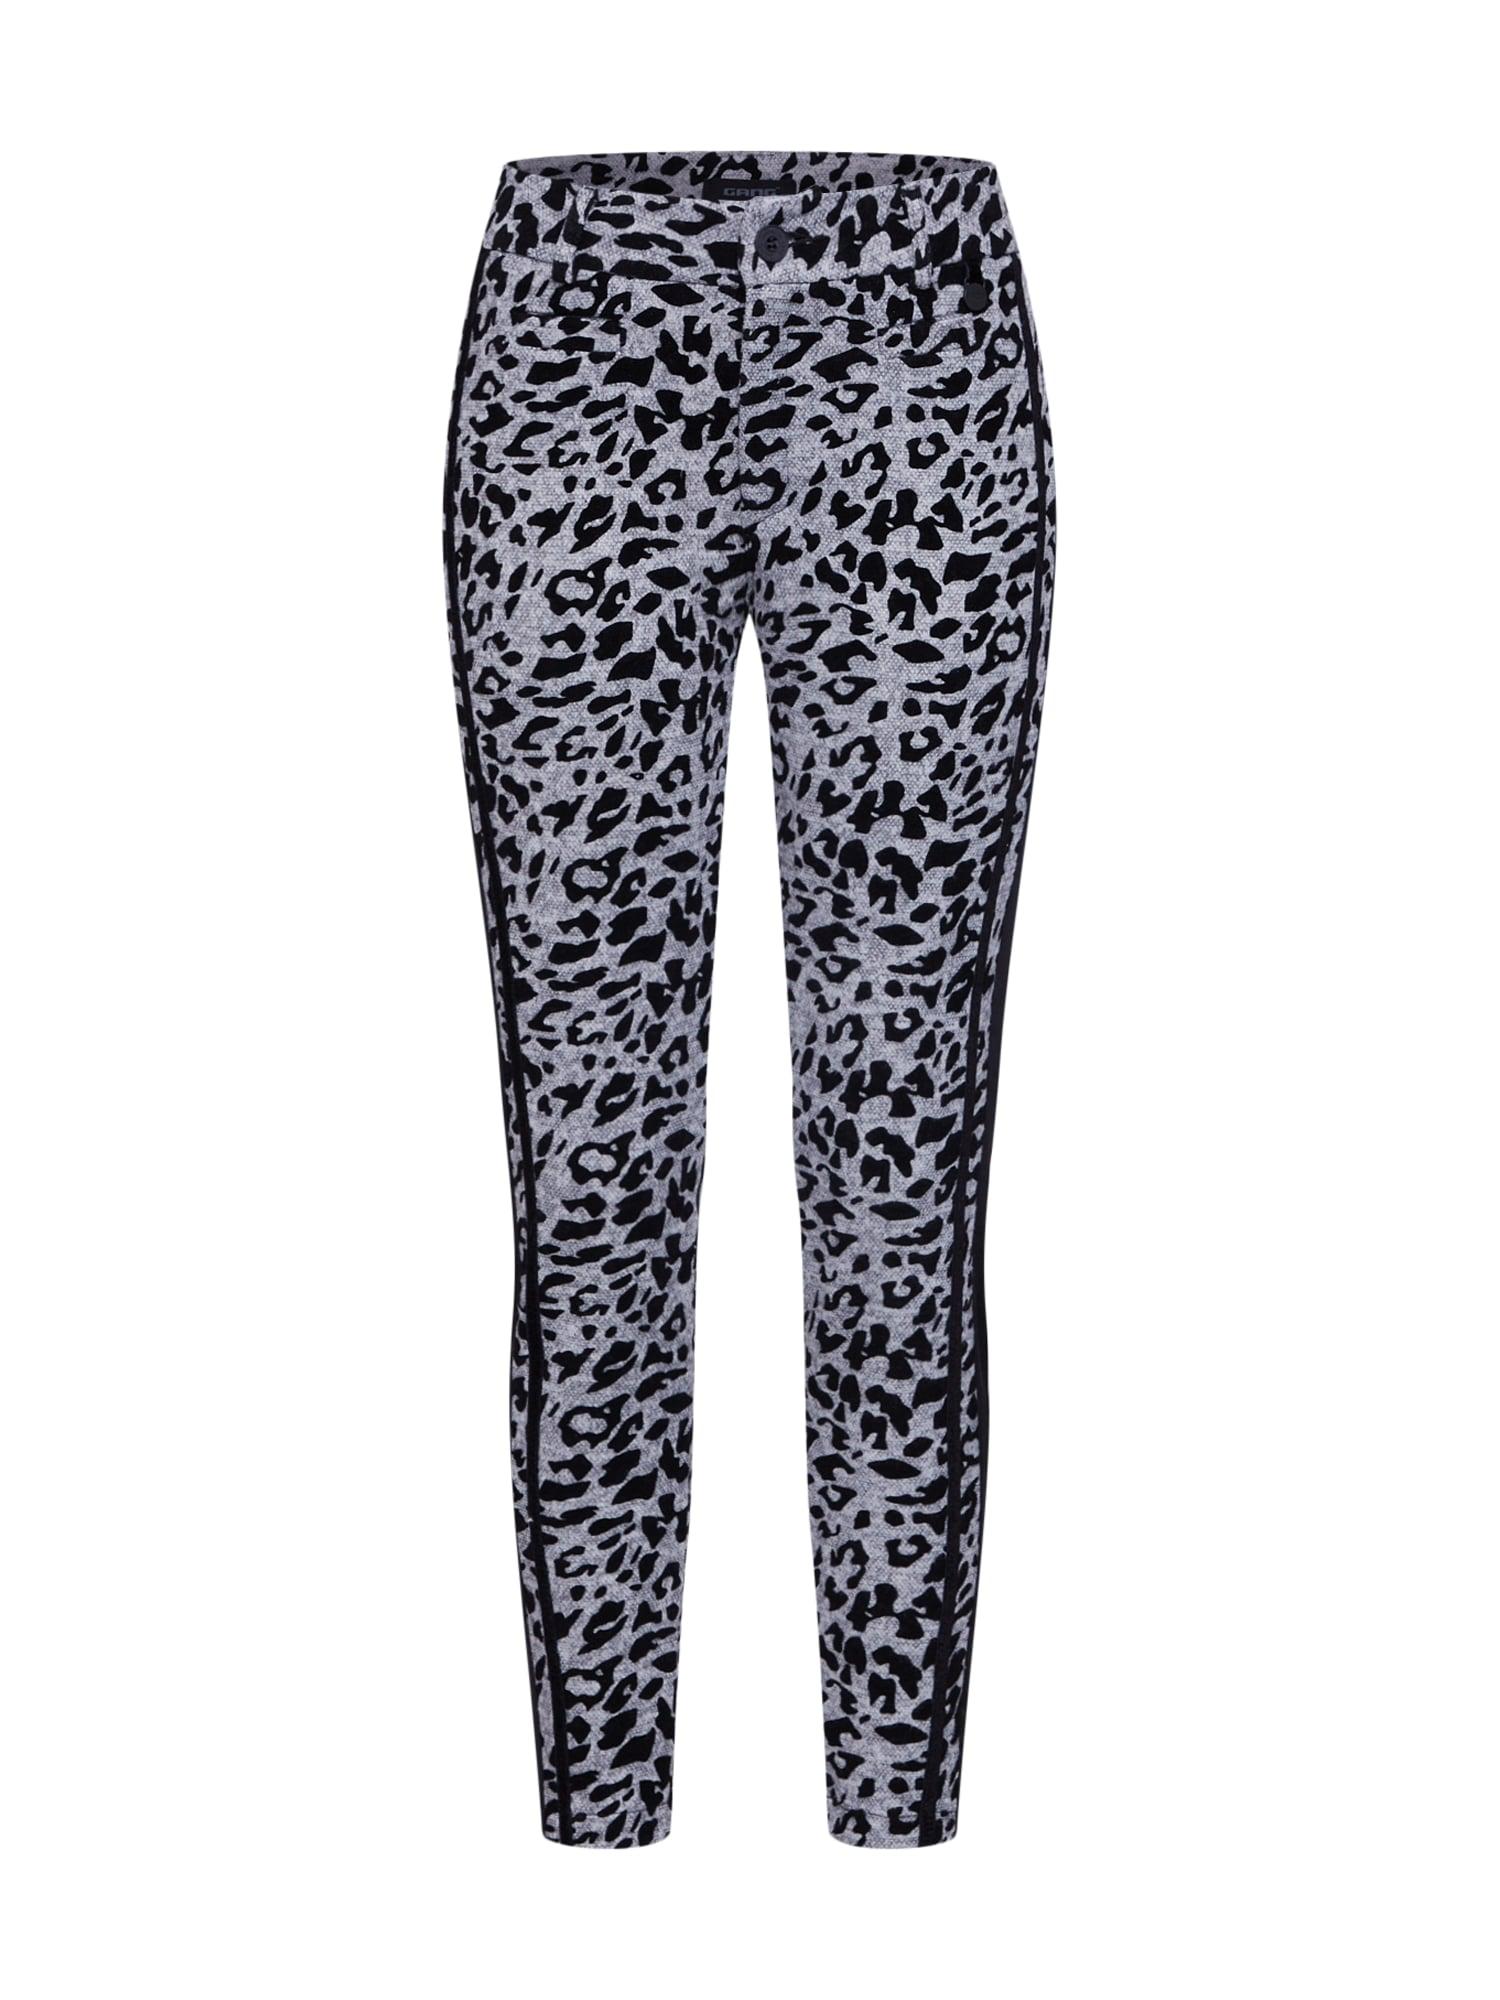 Kalhoty CATY - animalier flock print SKINNY šedý melír Gang